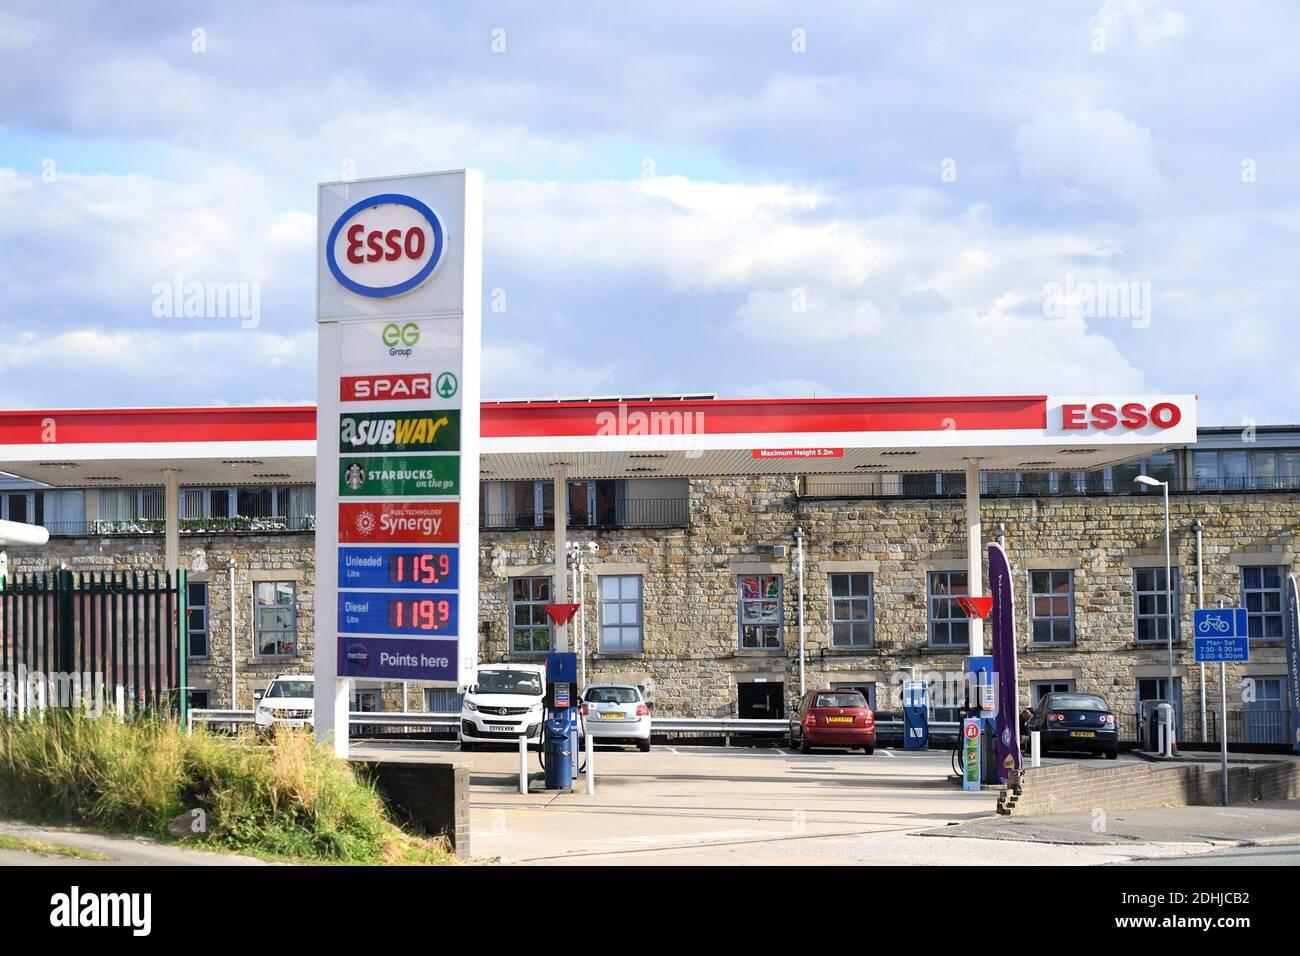 GV di esso SPAR Euro Garages su Brandlesholme Road, Bury, giovedì 1 ottobre 2020. La catena di supermercati Asda deve essere venduta a due fratelli da Blackburn in un affare del valore di £6,8 miliardi. I nuovi proprietari, Mohsin e Zuber Issa, che hanno sostenuto la società di investimento TDR Capital, hanno fondato il loro business Euro Garages nel 2001 con un unico distributore di benzina a Bury che hanno acquistato per £150,000. Il commercio ora ha intorno ai luoghi in Europa, negli Stati Uniti e in Australia e le vendite annuali di circa £18bn. Foto Stock